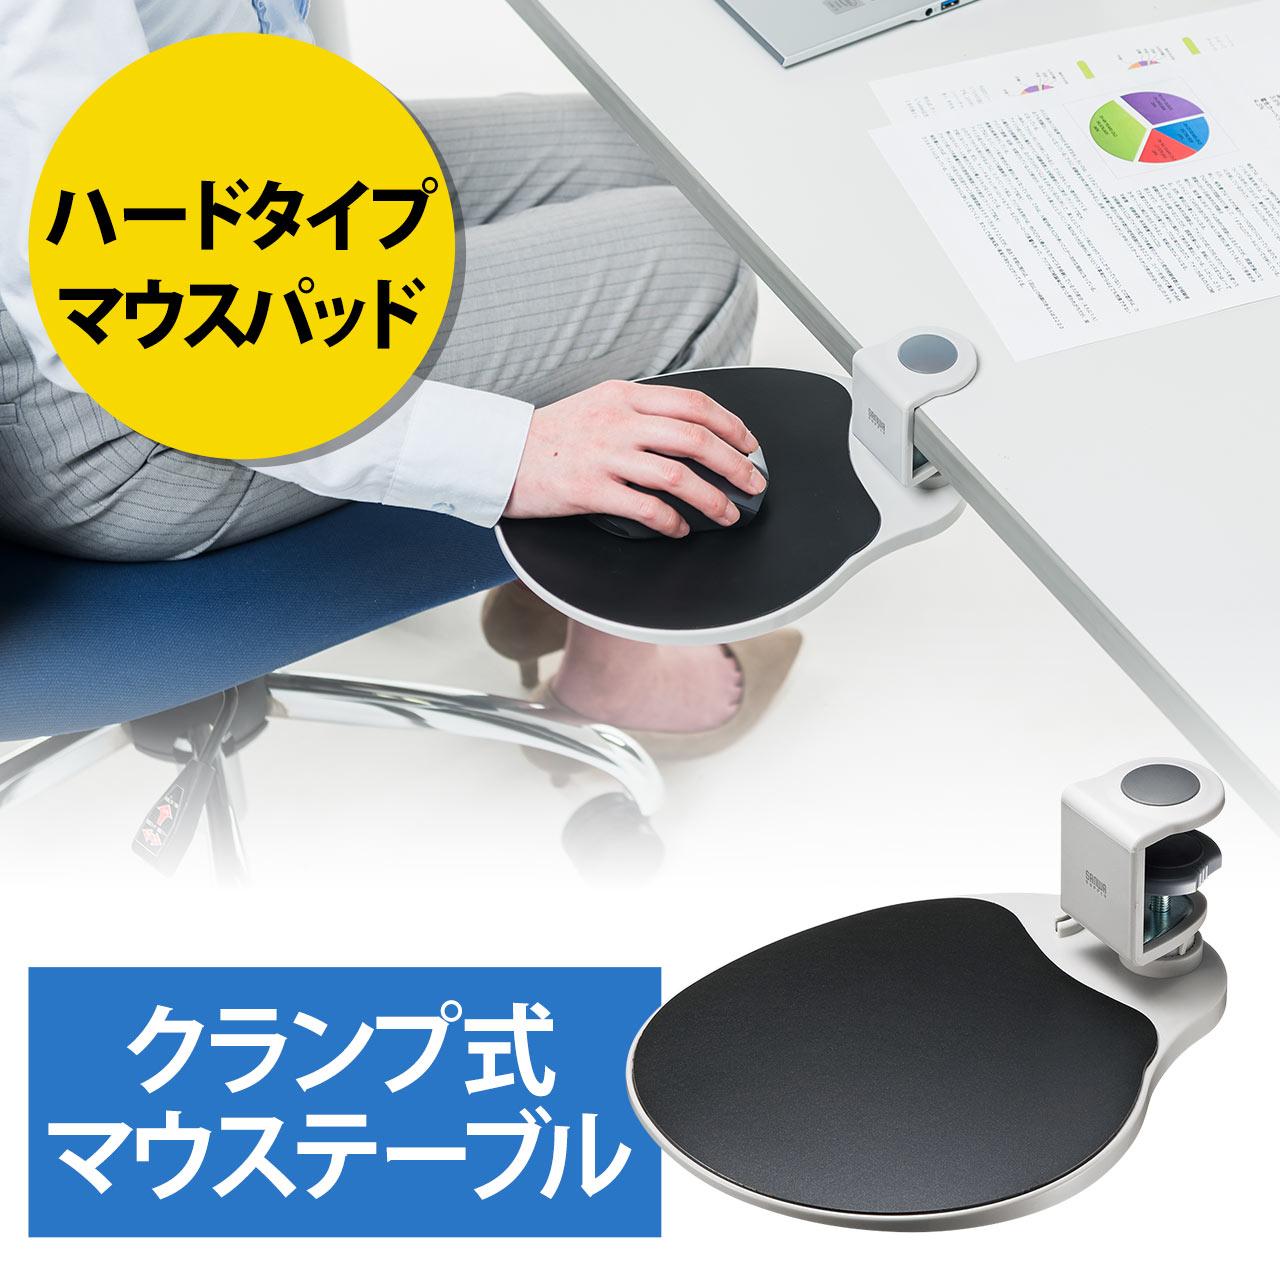 マウステーブル(360度回転・クランプ式・硬質プラスチックマウスパッド・ライトグレー) サンワダイレクト サンワサプライ 200-MPD021W